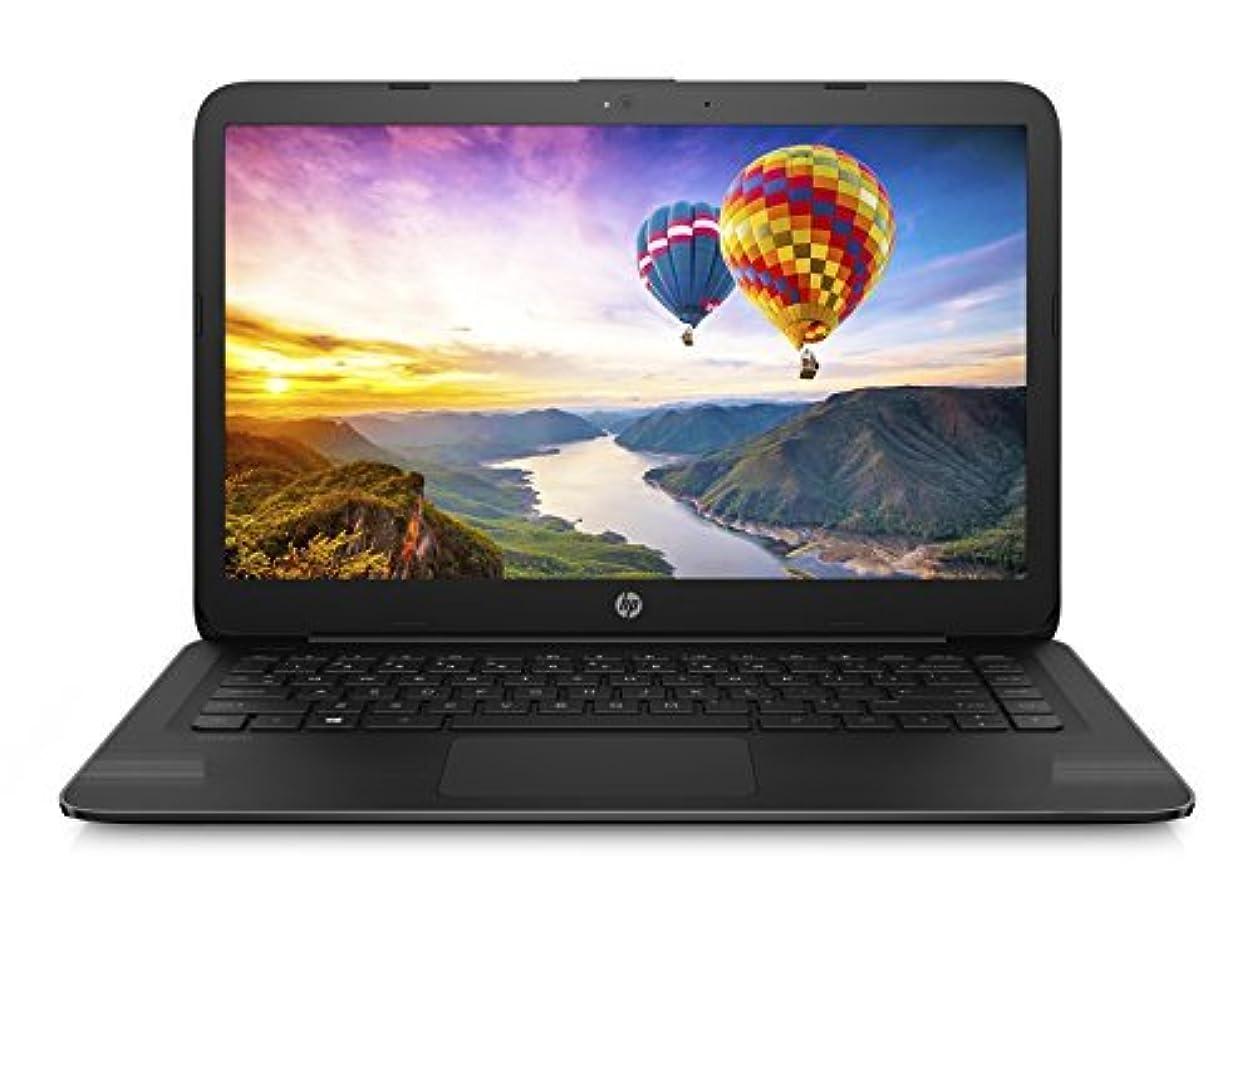 マリナー文房具宙返りHP 14 Inch Stream Laptop Intel Celeron N3060 Processor 4GB RAM 32GB eMMC 1-year Office 365 Personal included HDMI [並行輸入品]